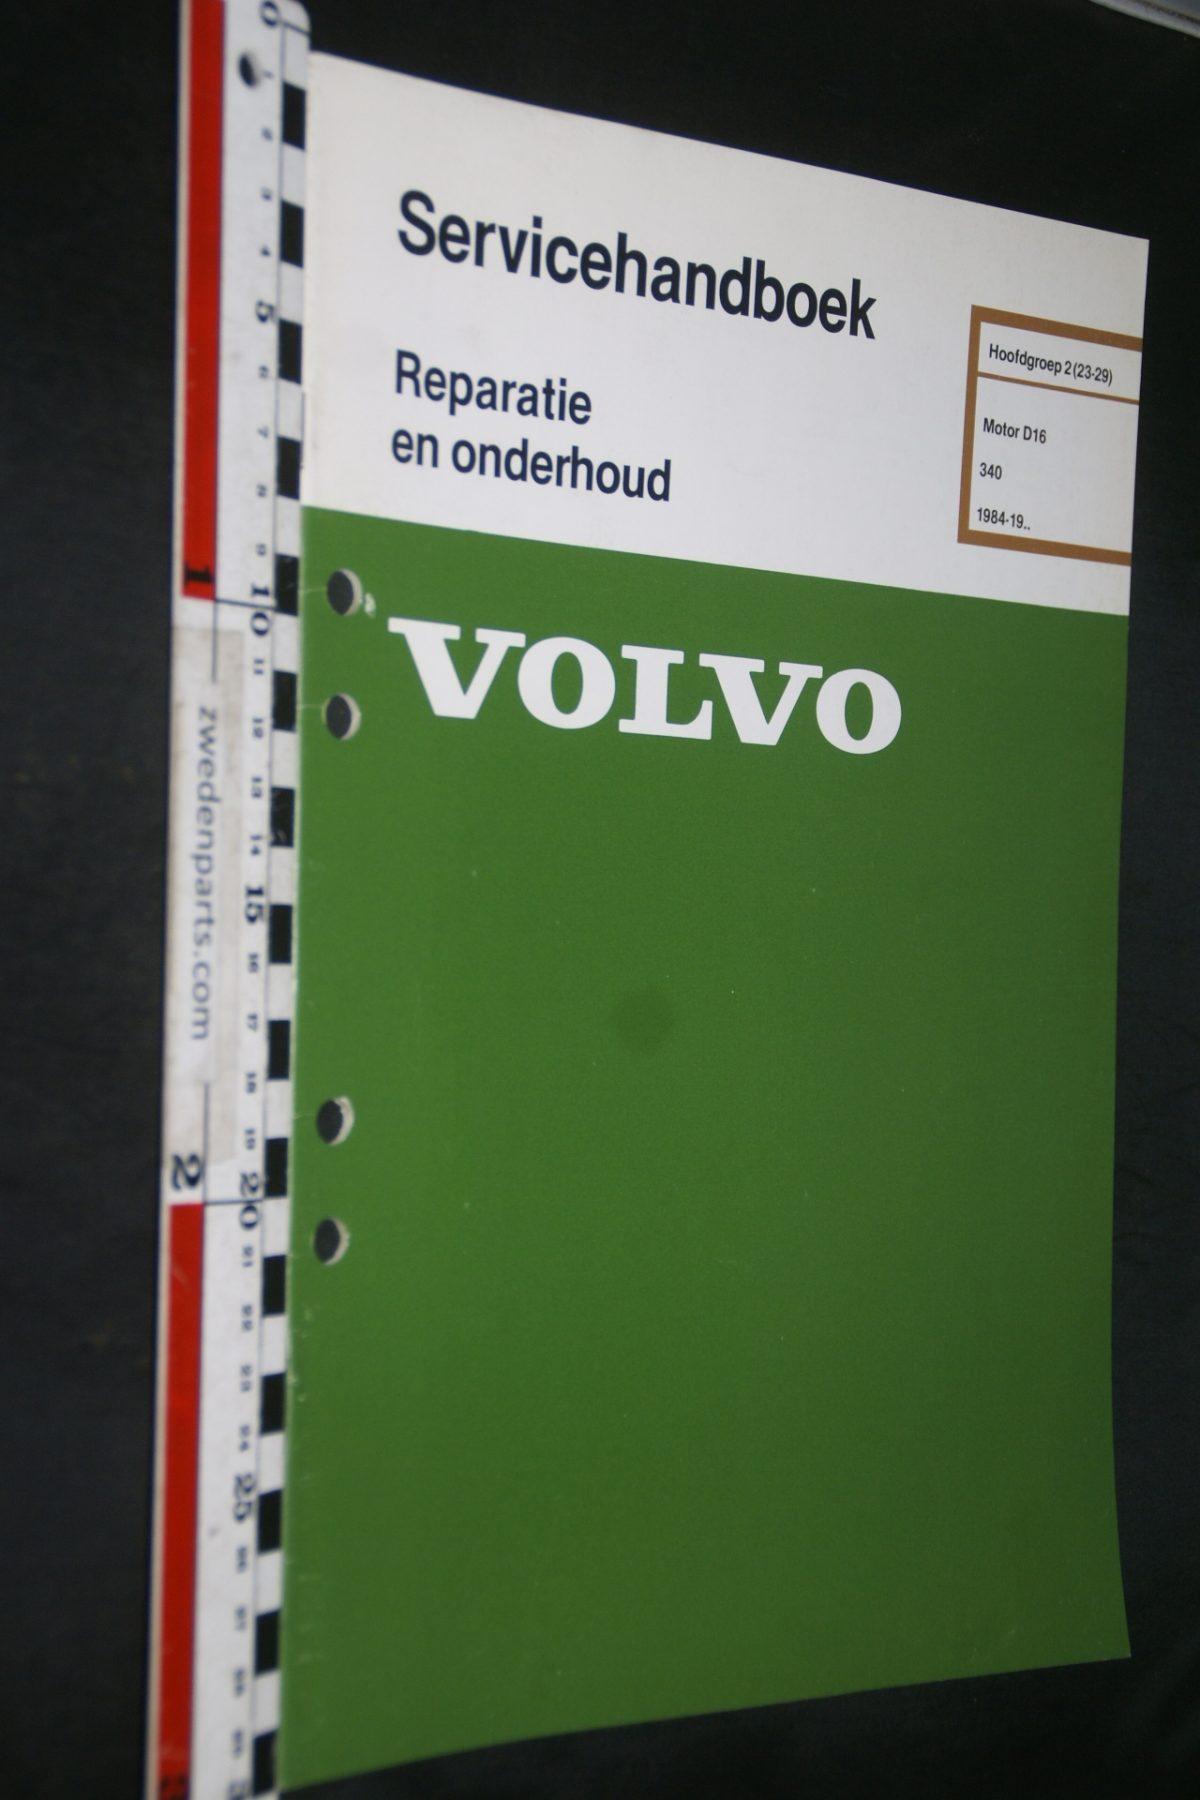 DSC06828 1984 origineel Volvo 340 servicehandboek 2 (23-29) motor D16 1 van 900 TP 35213-1